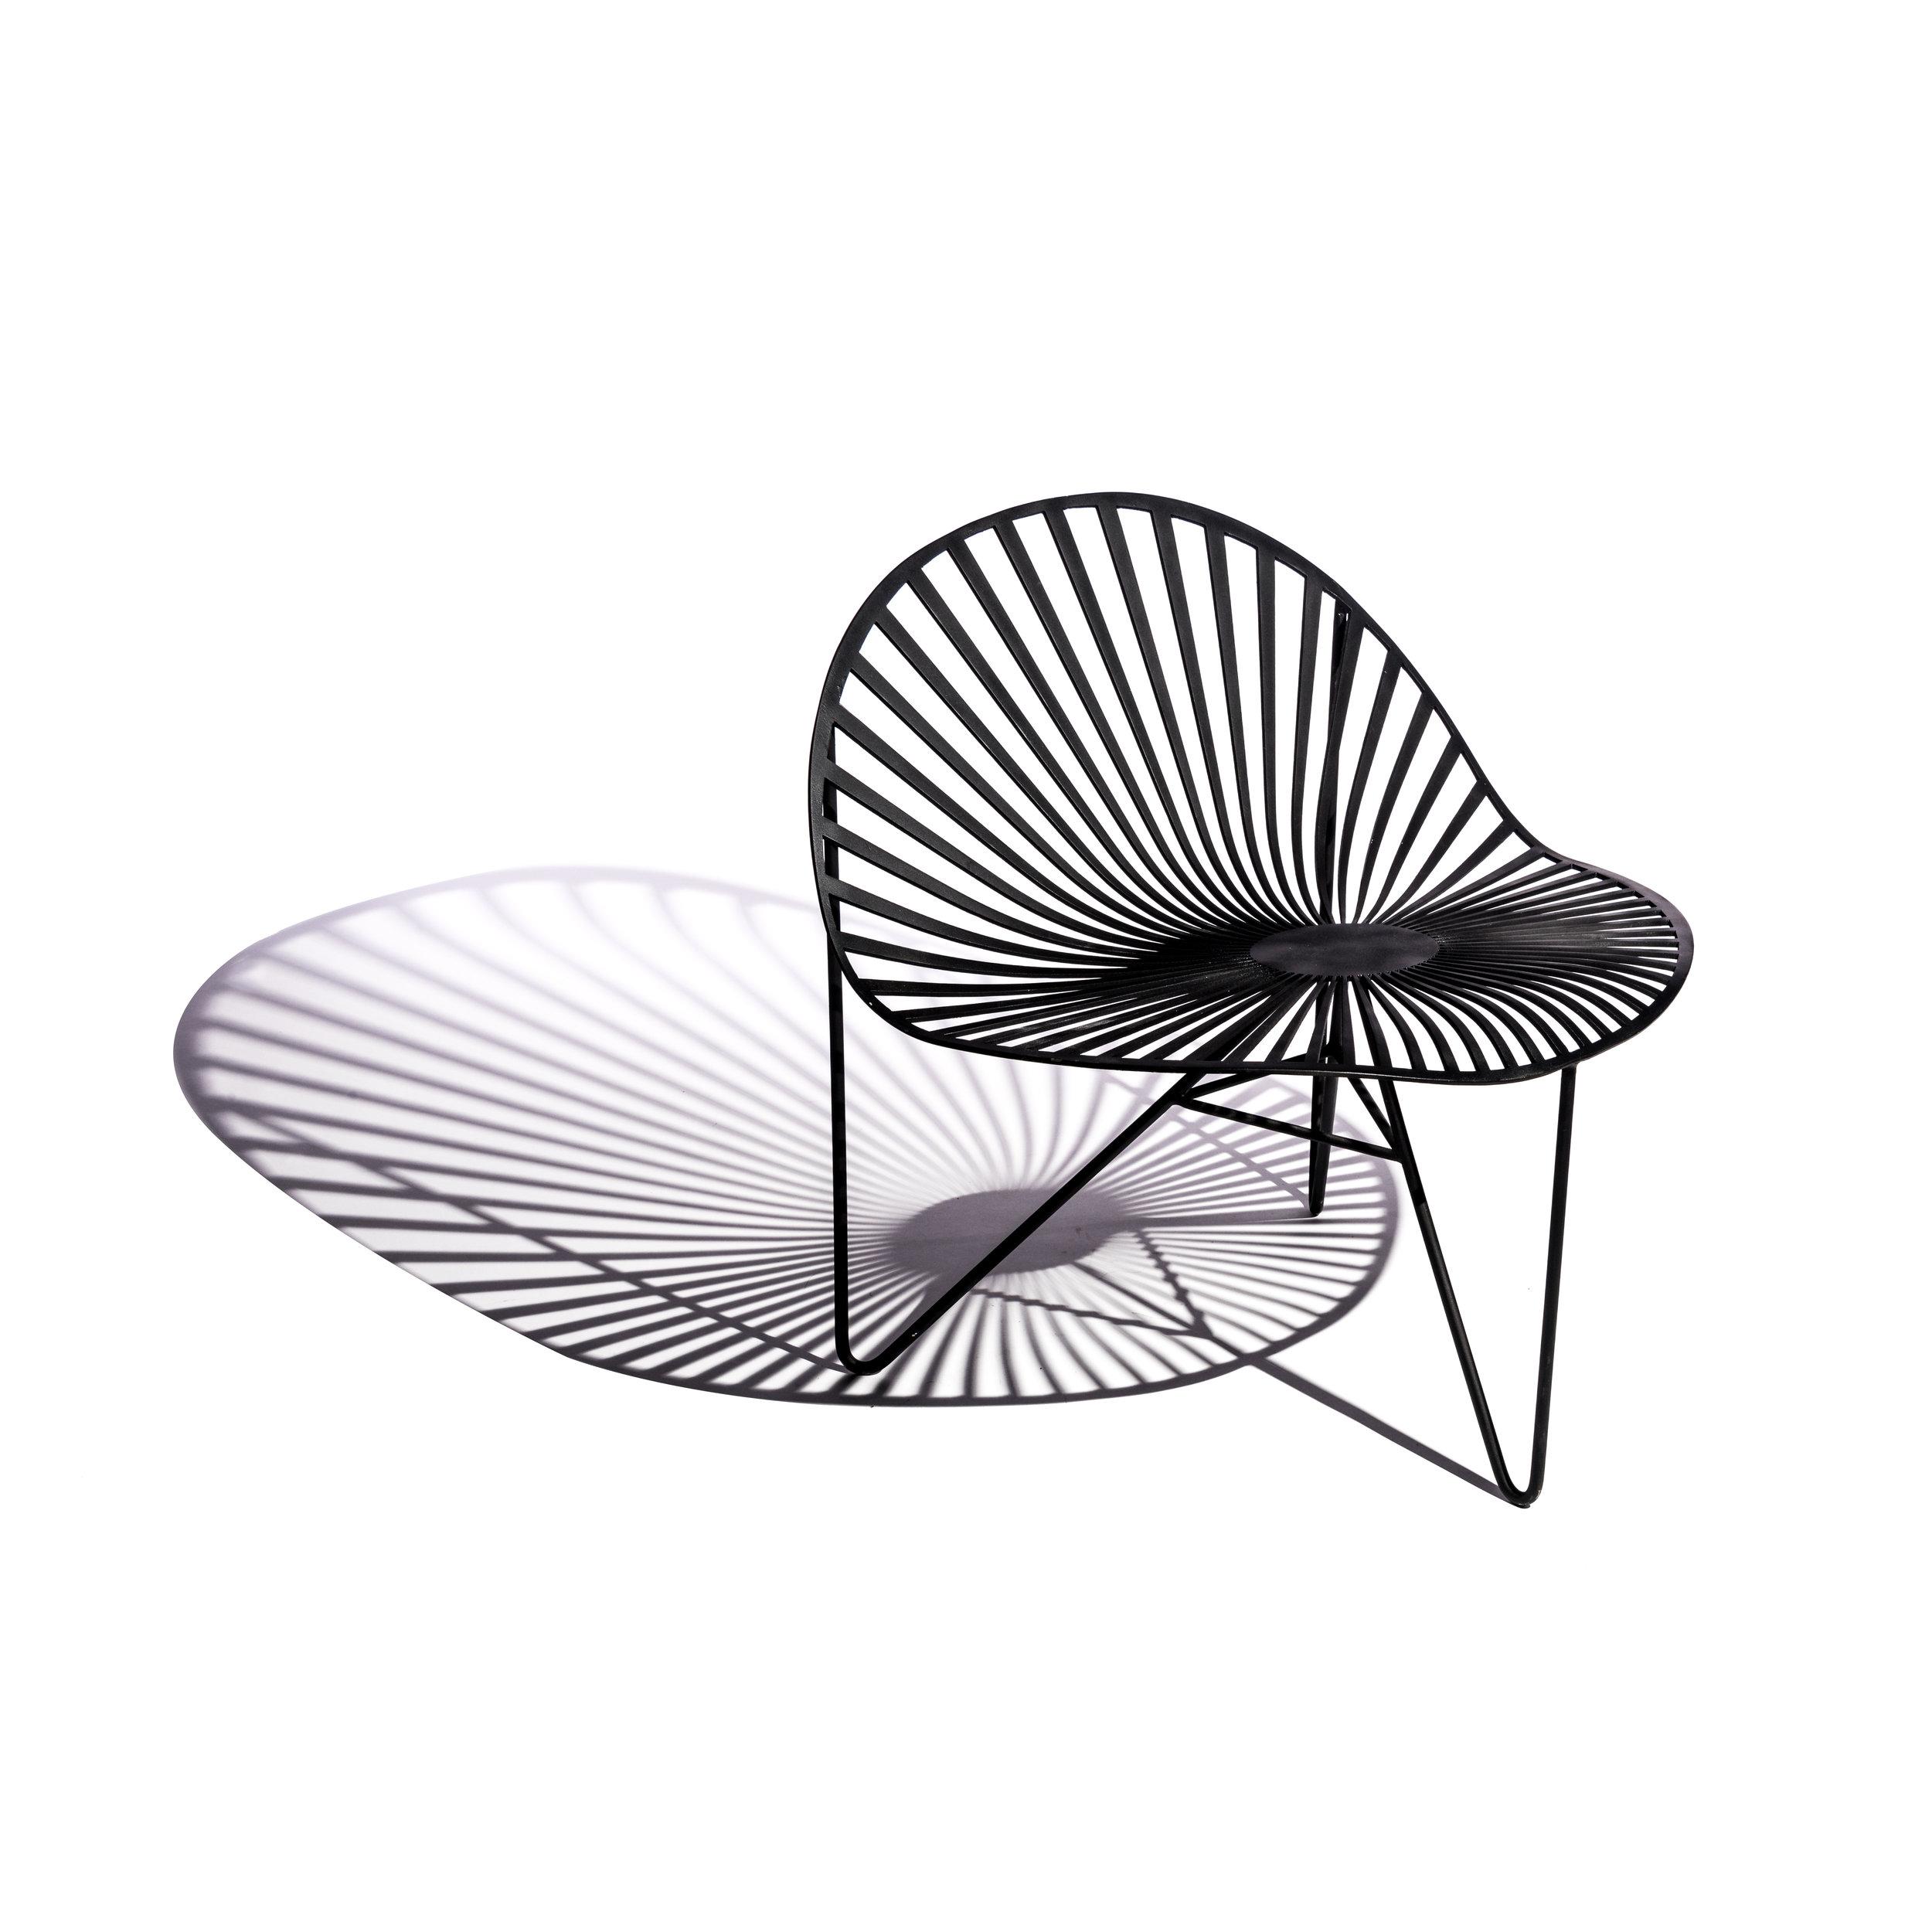 uba | seating -